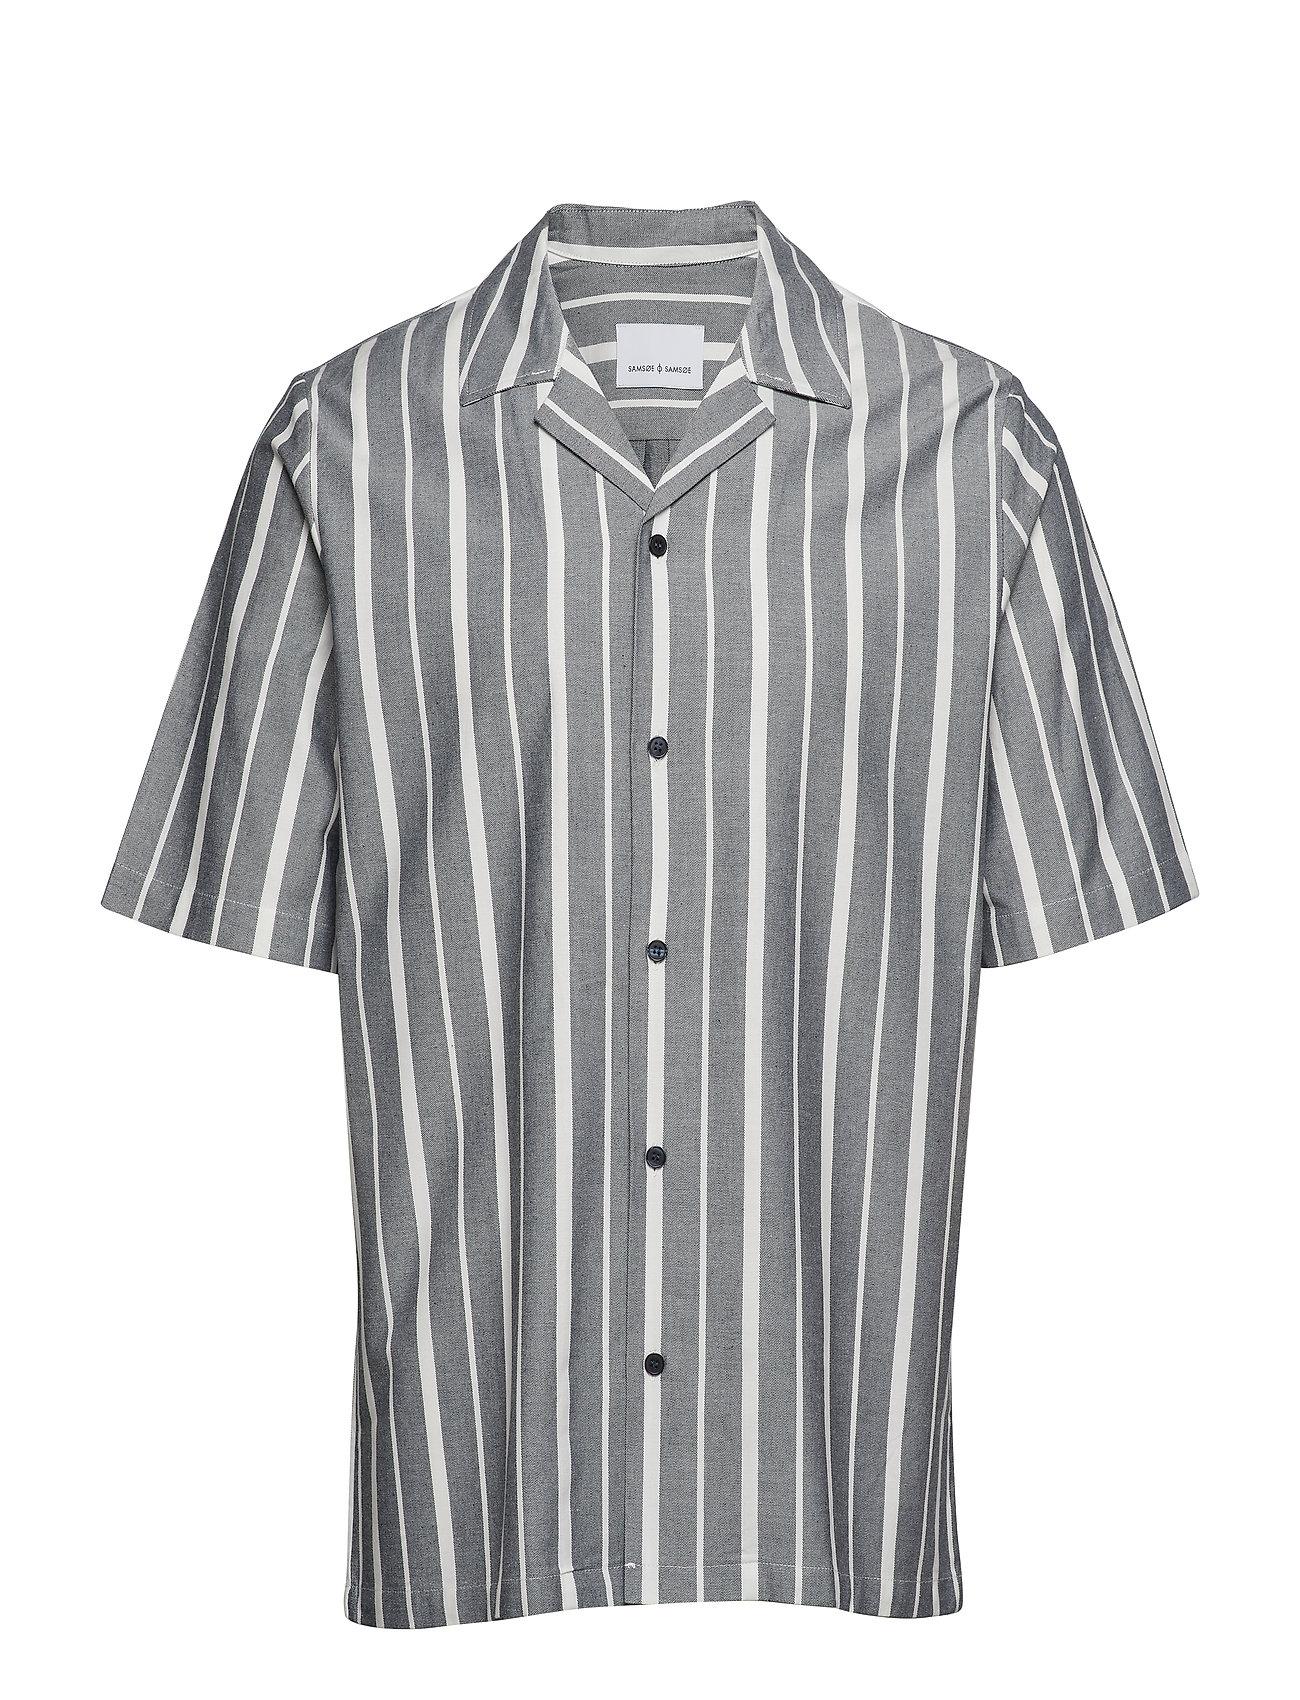 Oscar Ax Shirt 10923 by Samsøe & Samsøe